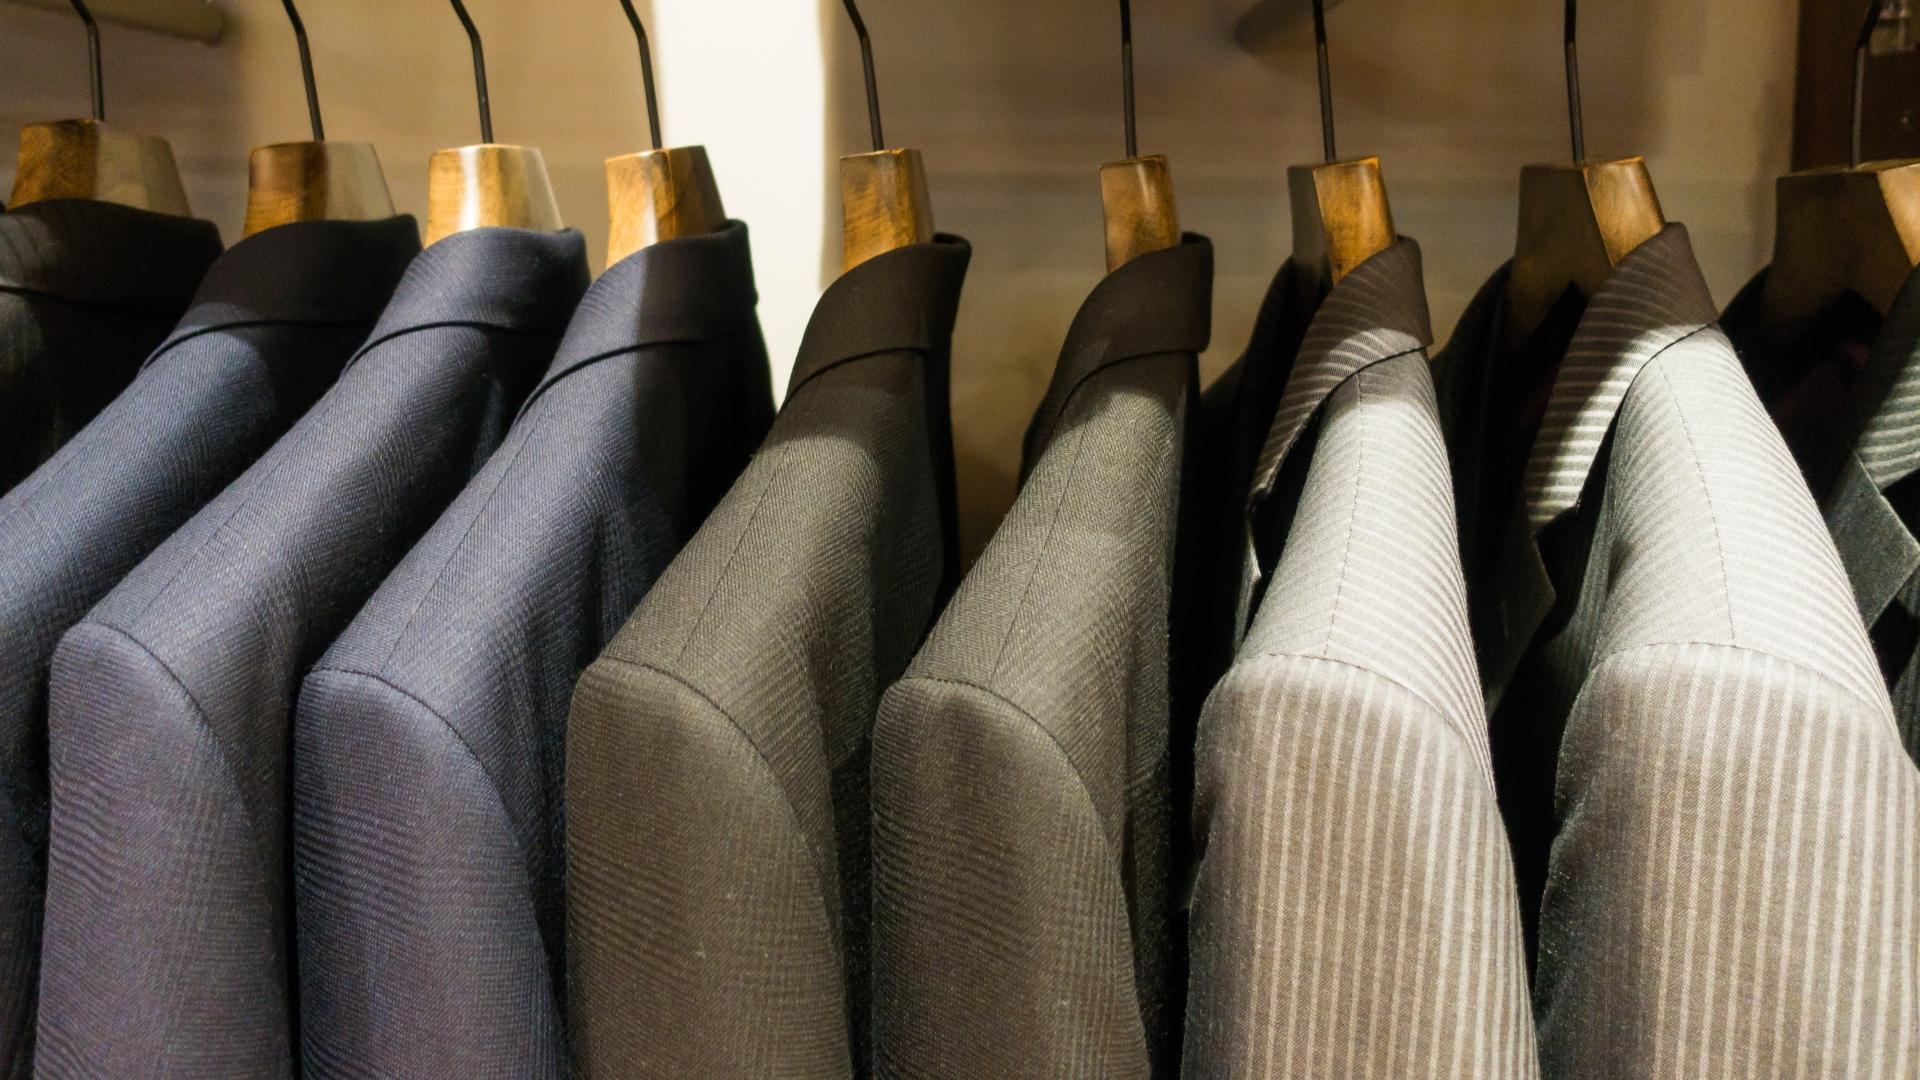 保管の方法 【ファッションケアの基礎知識 第6弾!】